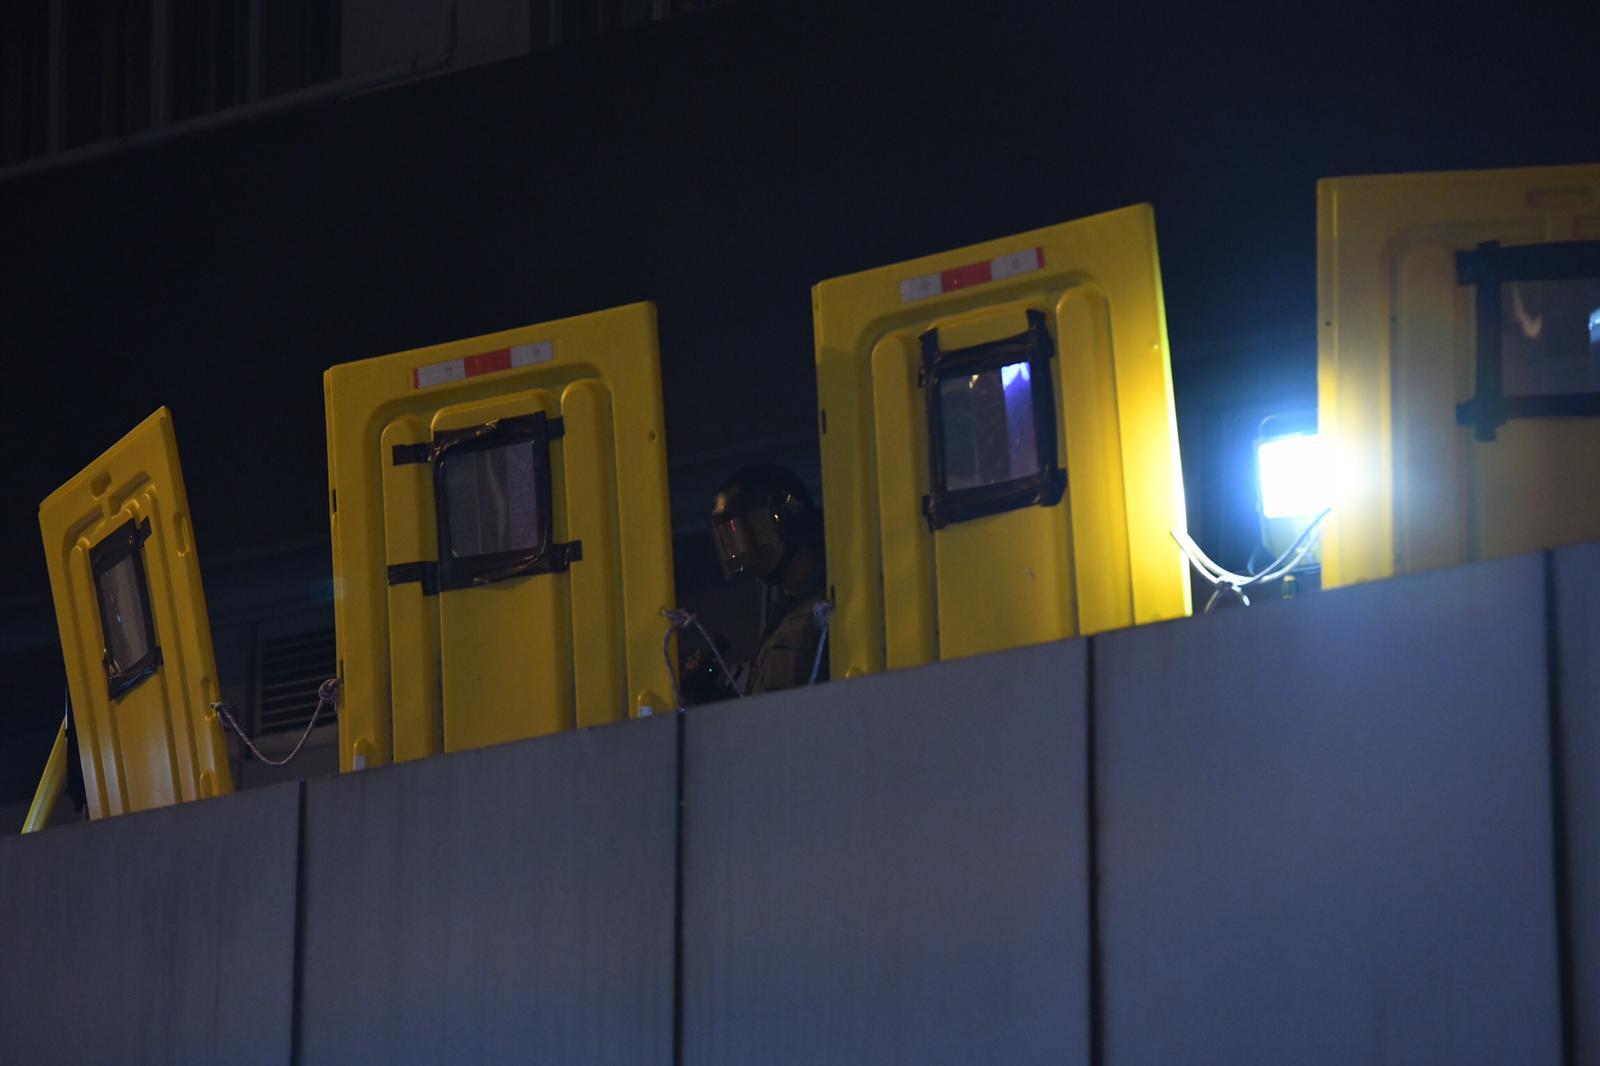 【修例風波】示威者連續兩日彌敦道縱火 防暴警到場驅散